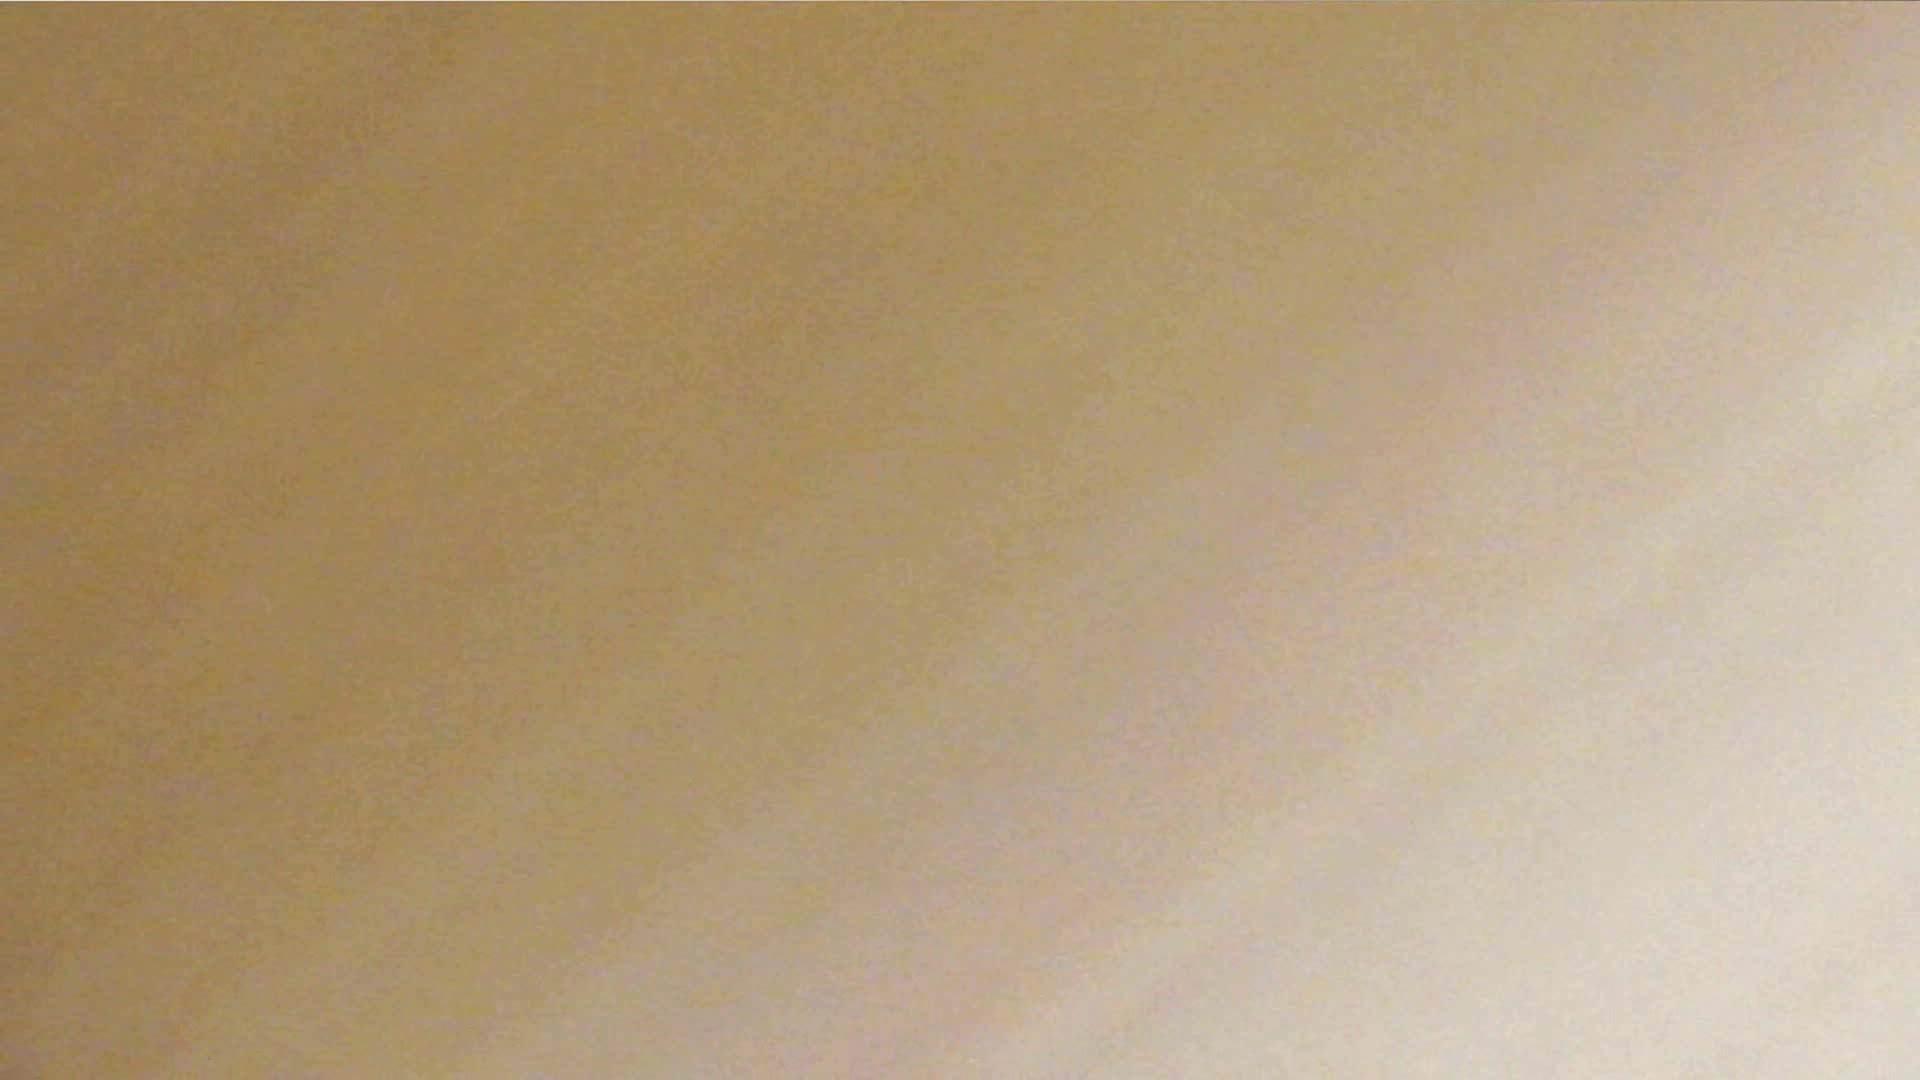 阿国ちゃんの「和式洋式七変化」No.10 和式 | 洗面所着替え  27連発 16